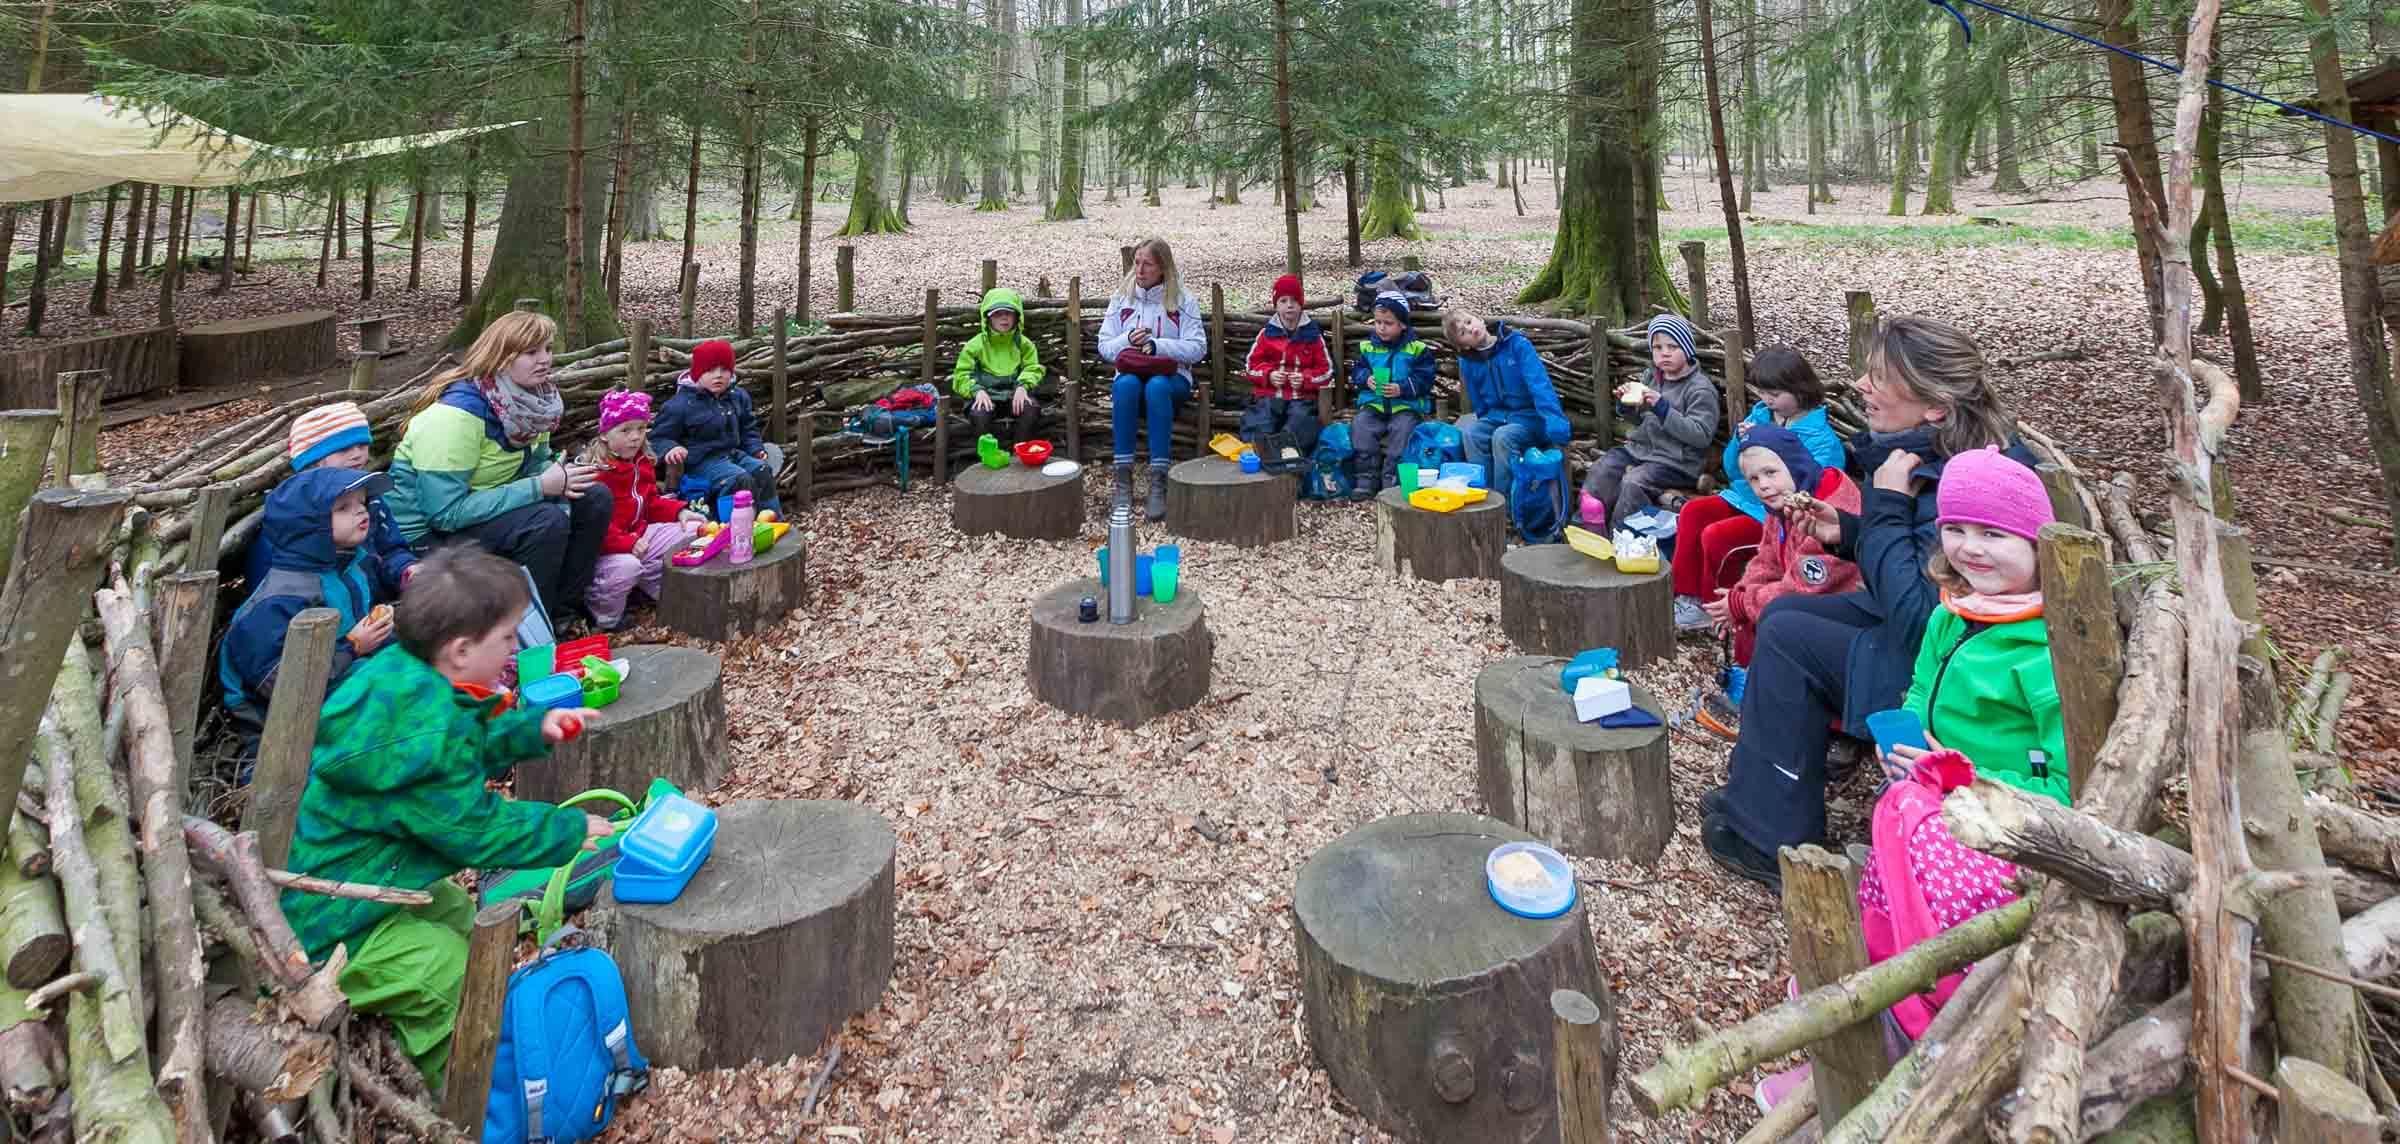 Bokhorst / Kreis Plön / Waldkindergarten im Wald nicht erwünscht